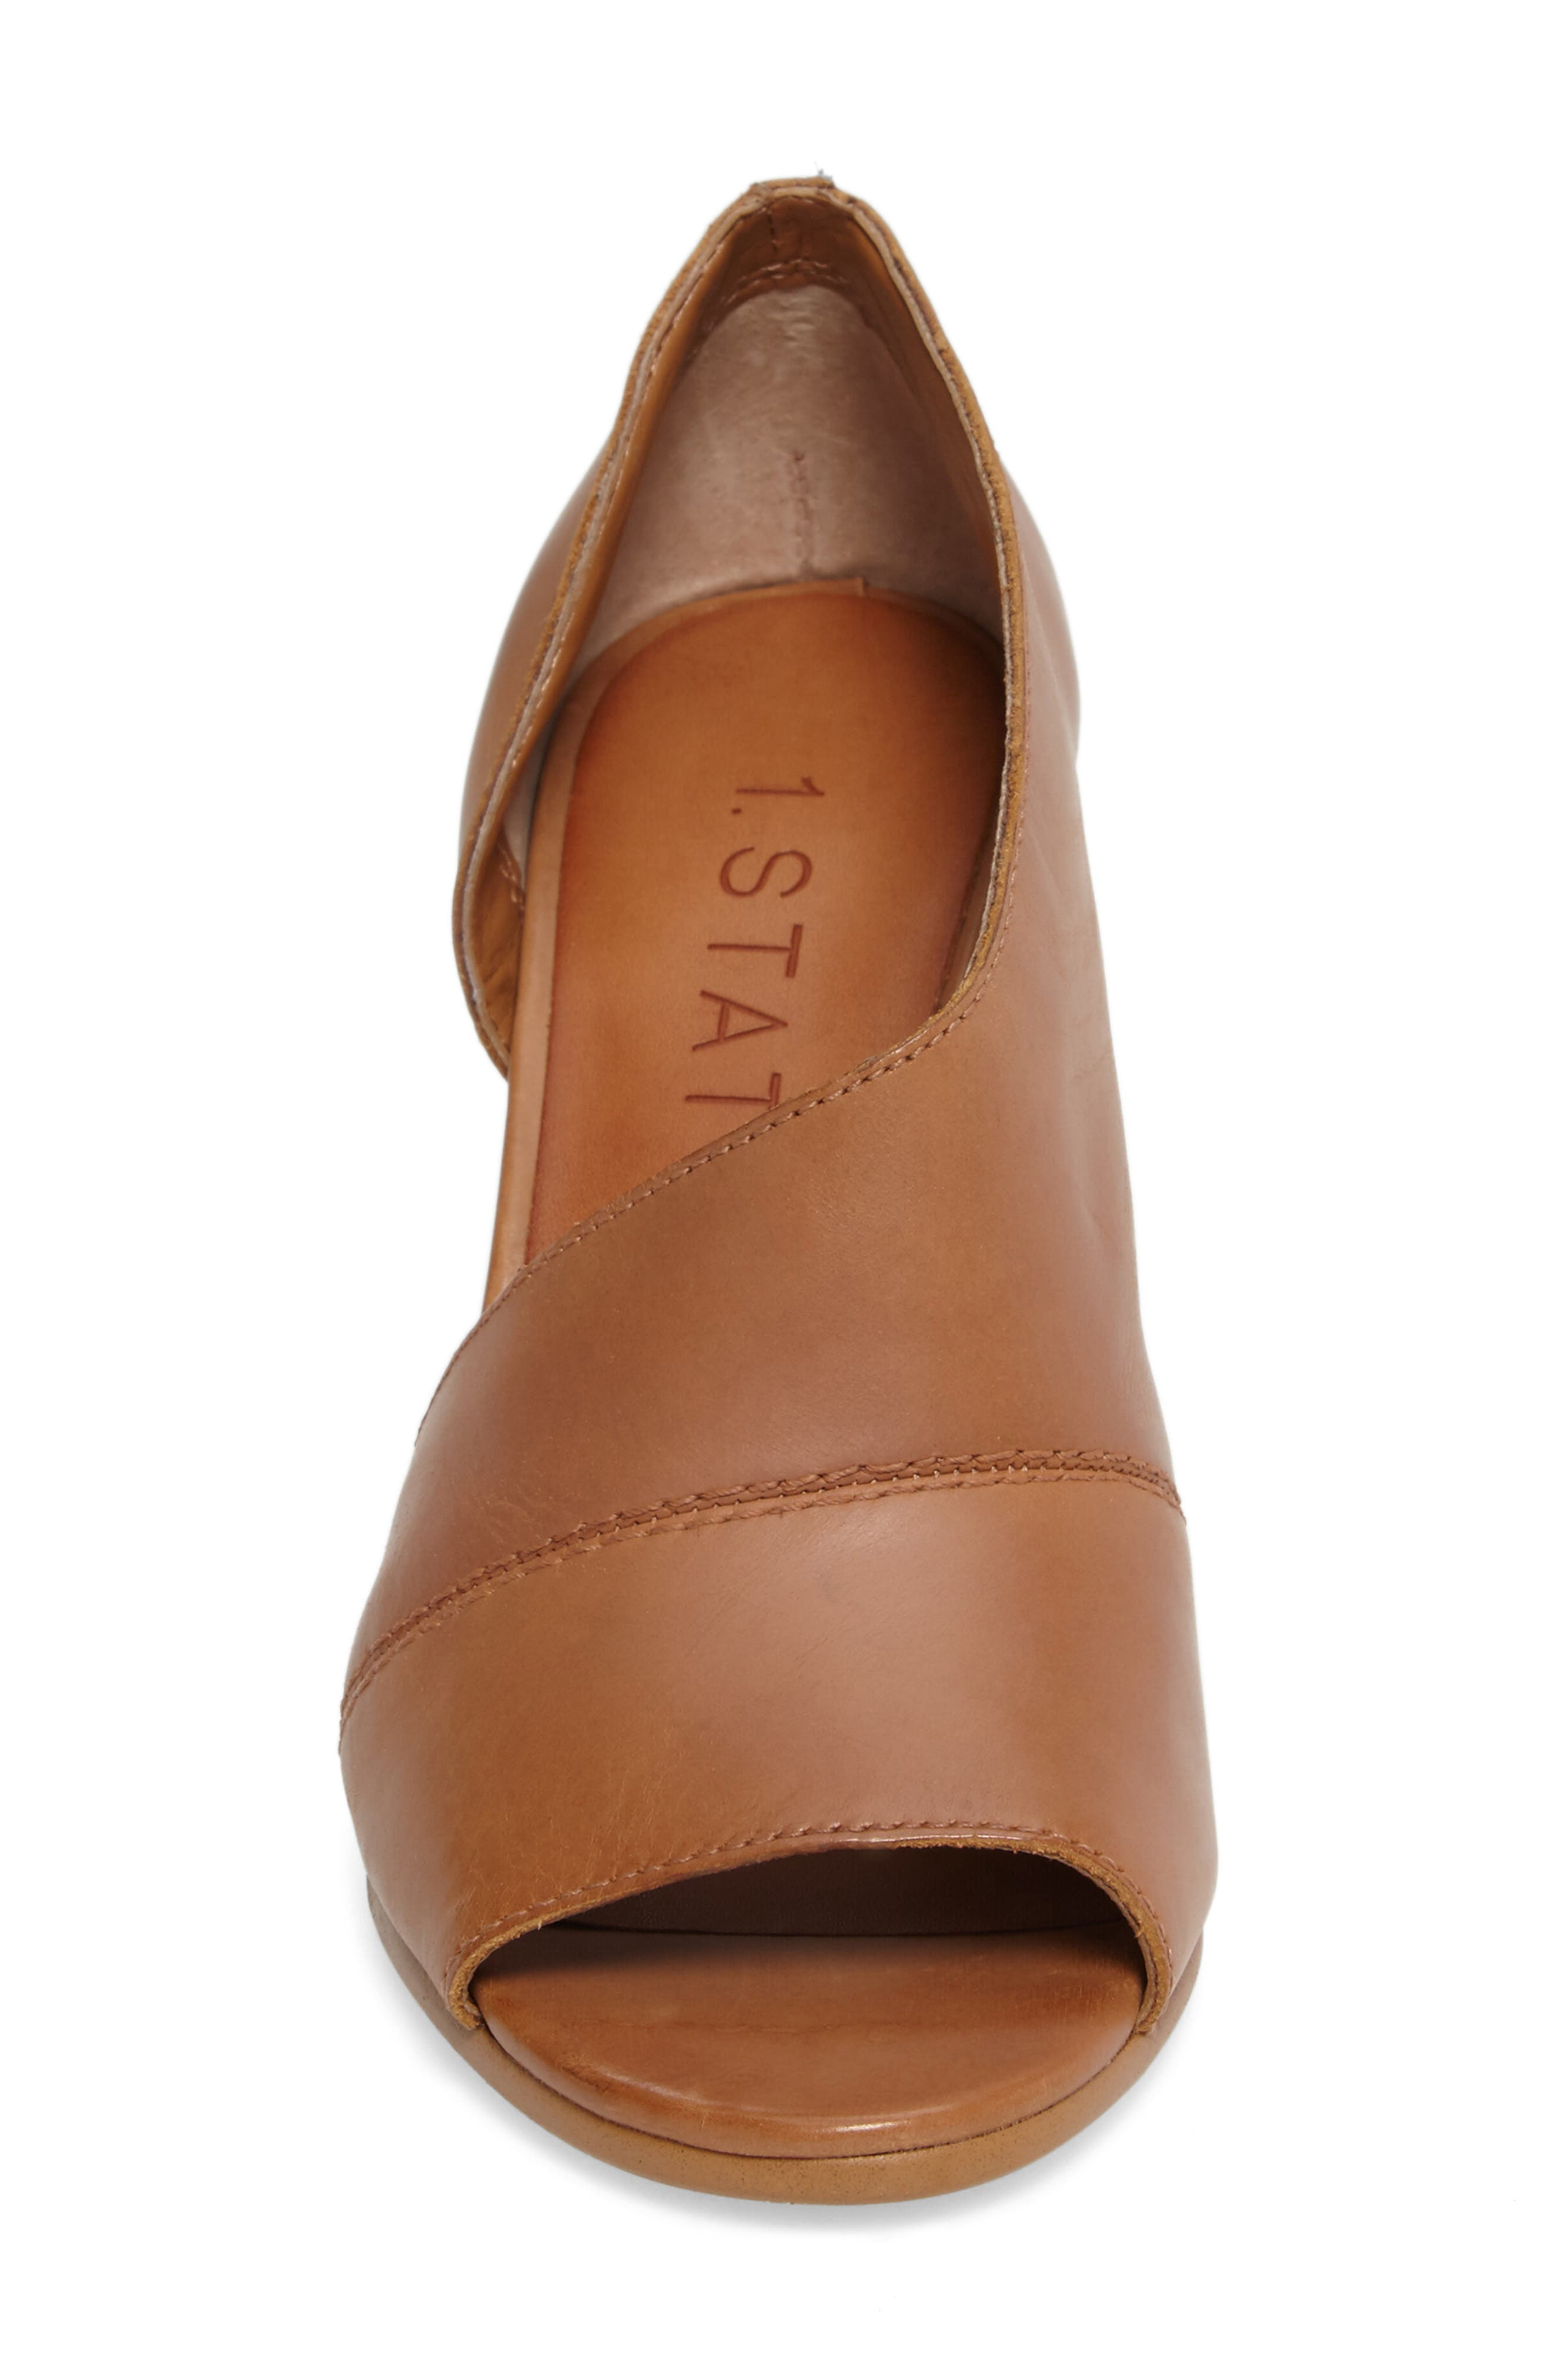 Amble Asymmetrical Sandal,                             Alternate thumbnail 4, color,                             Tan Leather